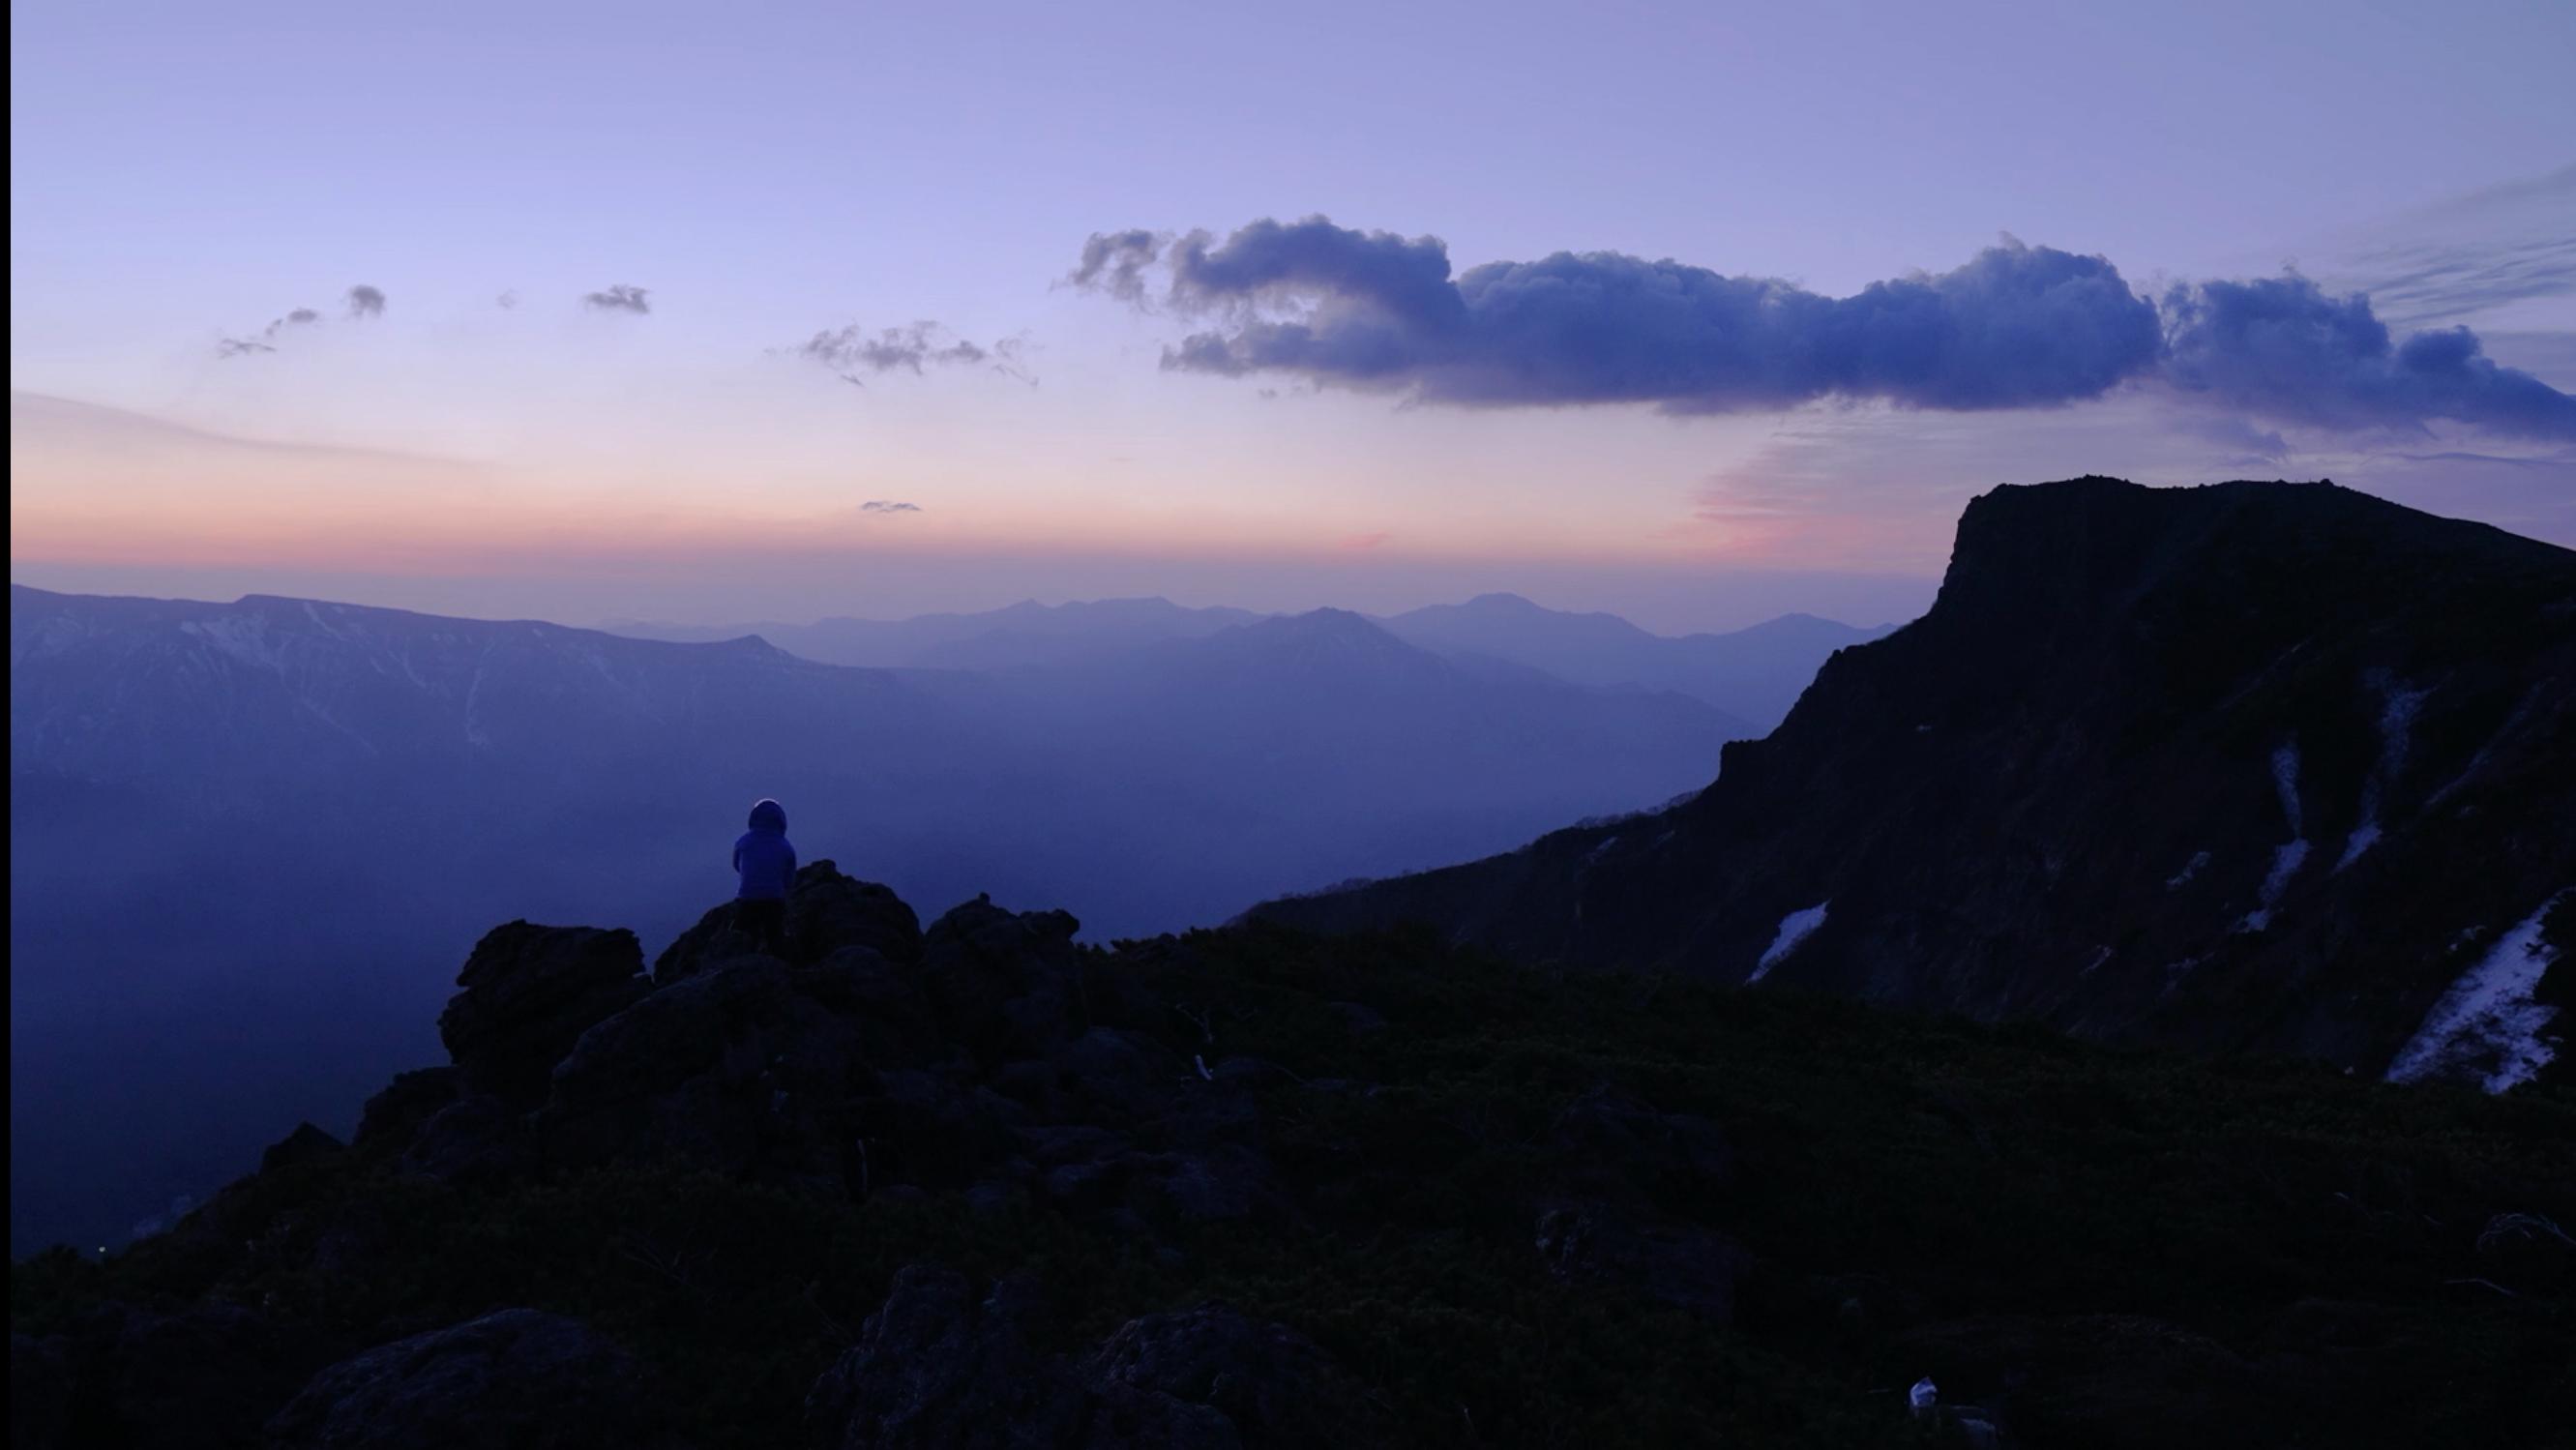 絶景を撮る 大雪山頂の朝日に息を呑む